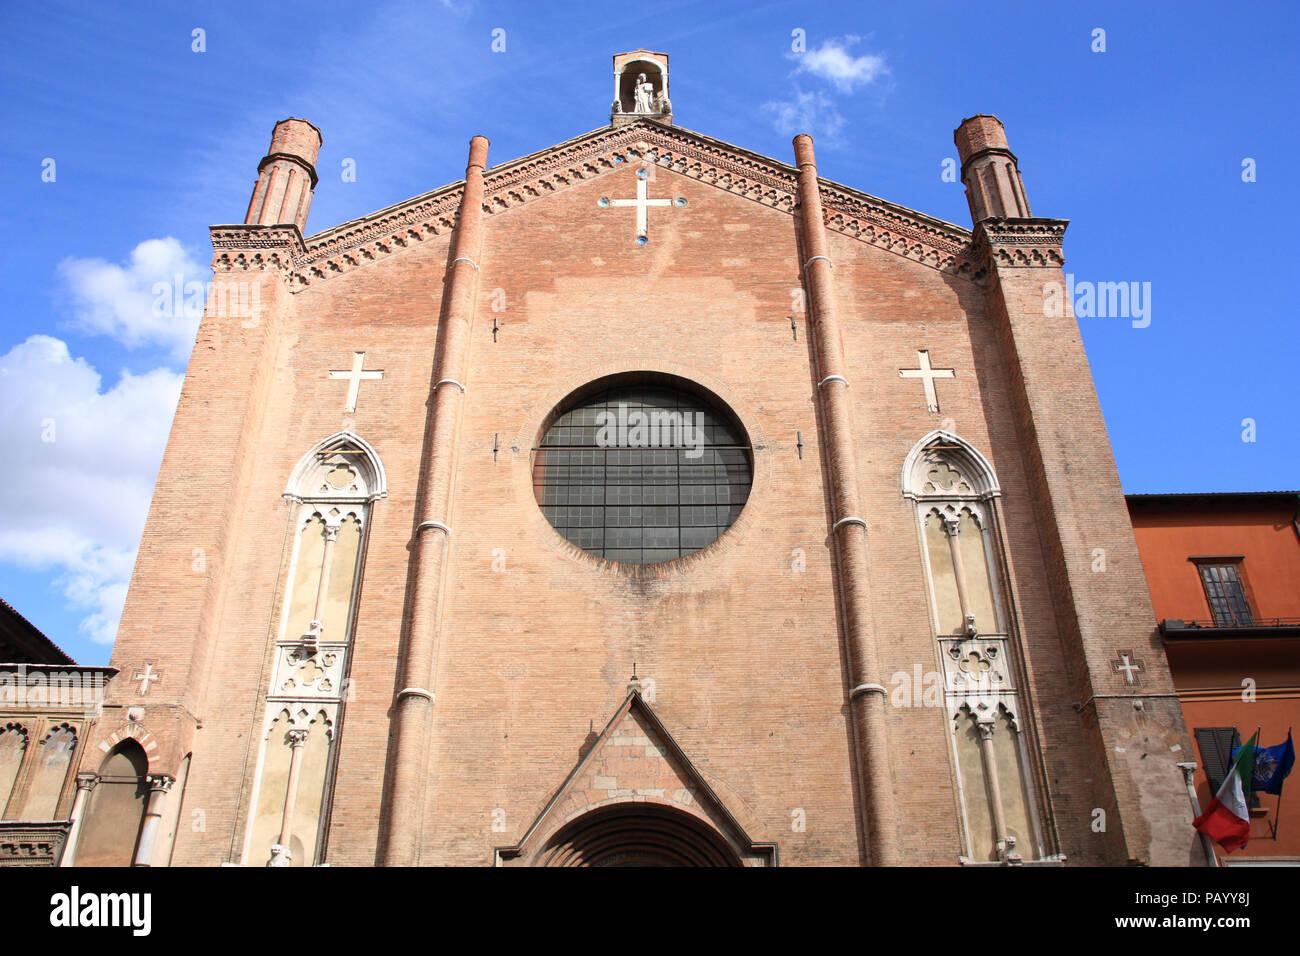 Chiesa di San Giacomo Maggiore - Kirche des Heiligen Jakobus in ...